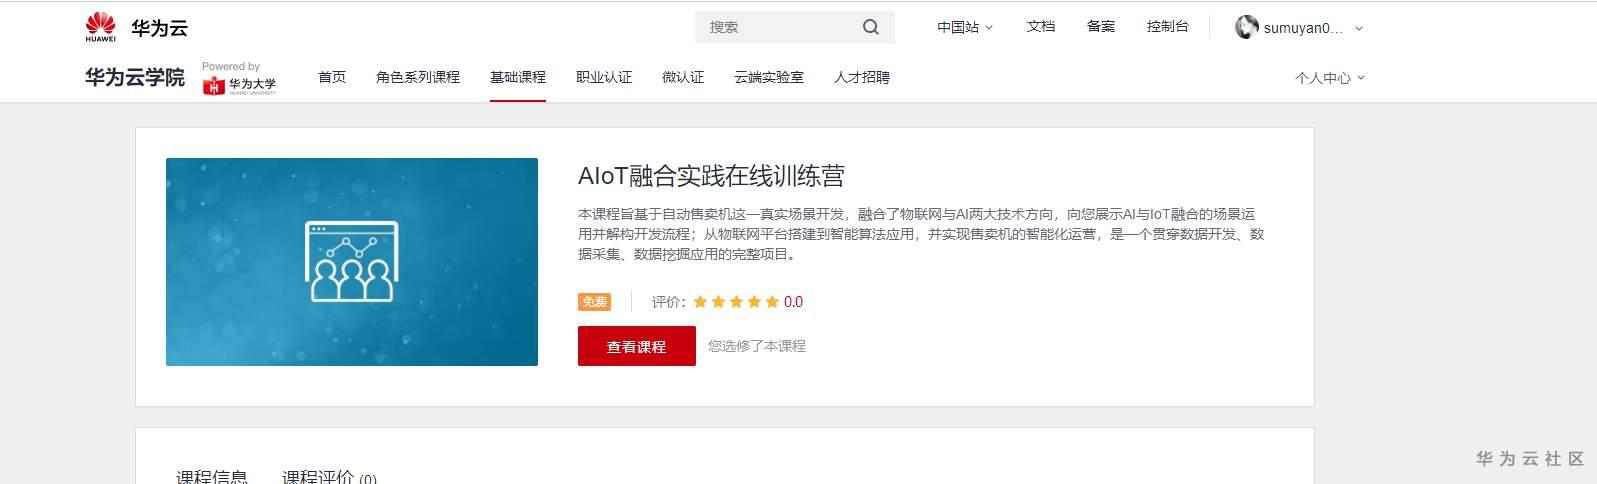 报名《AIoT融合实践在线训练营》.png